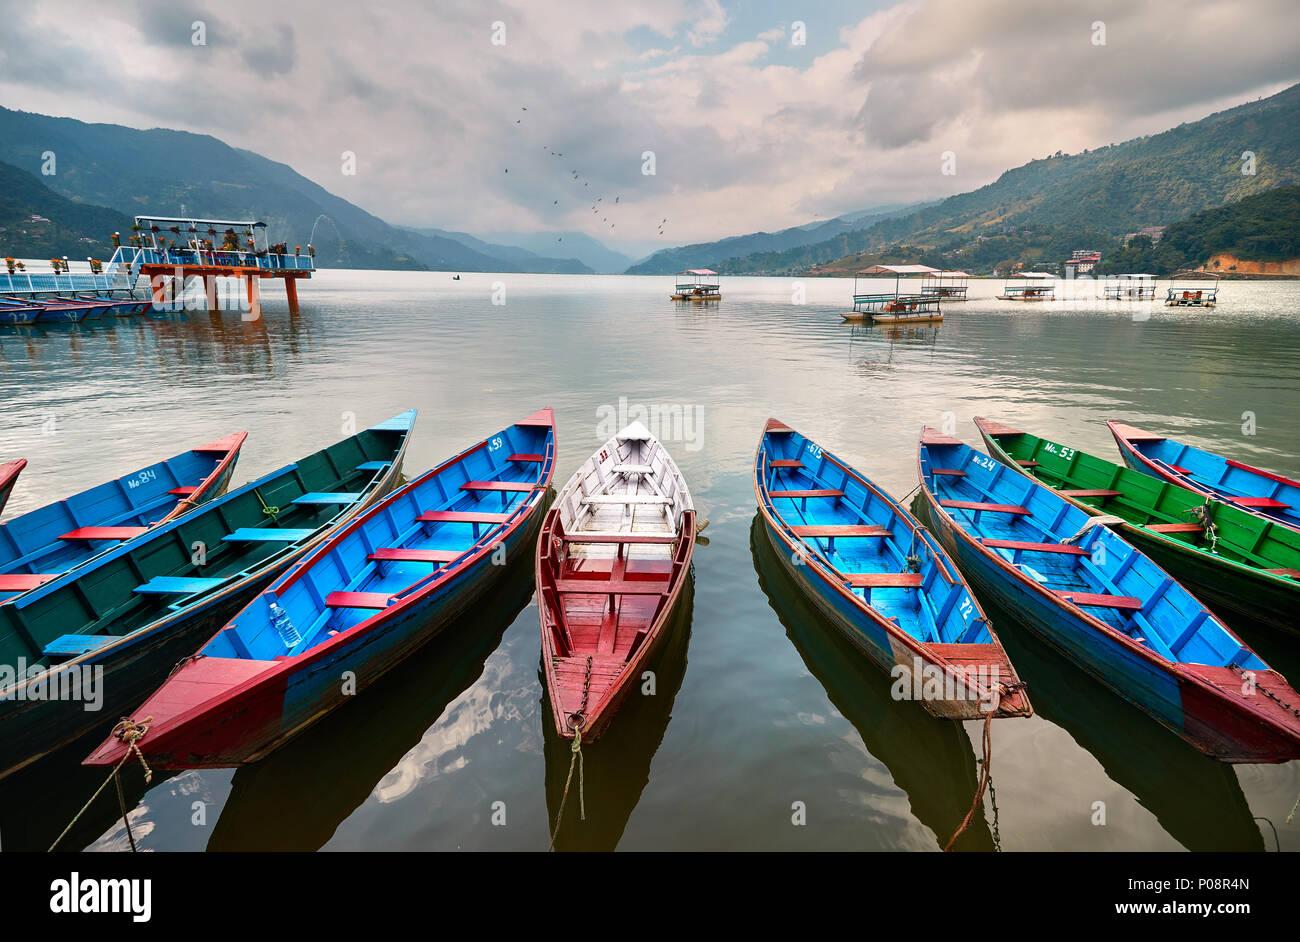 Bateaux de couleur au bord du lac Phewa dans Pokhara, Népal. Photo Stock